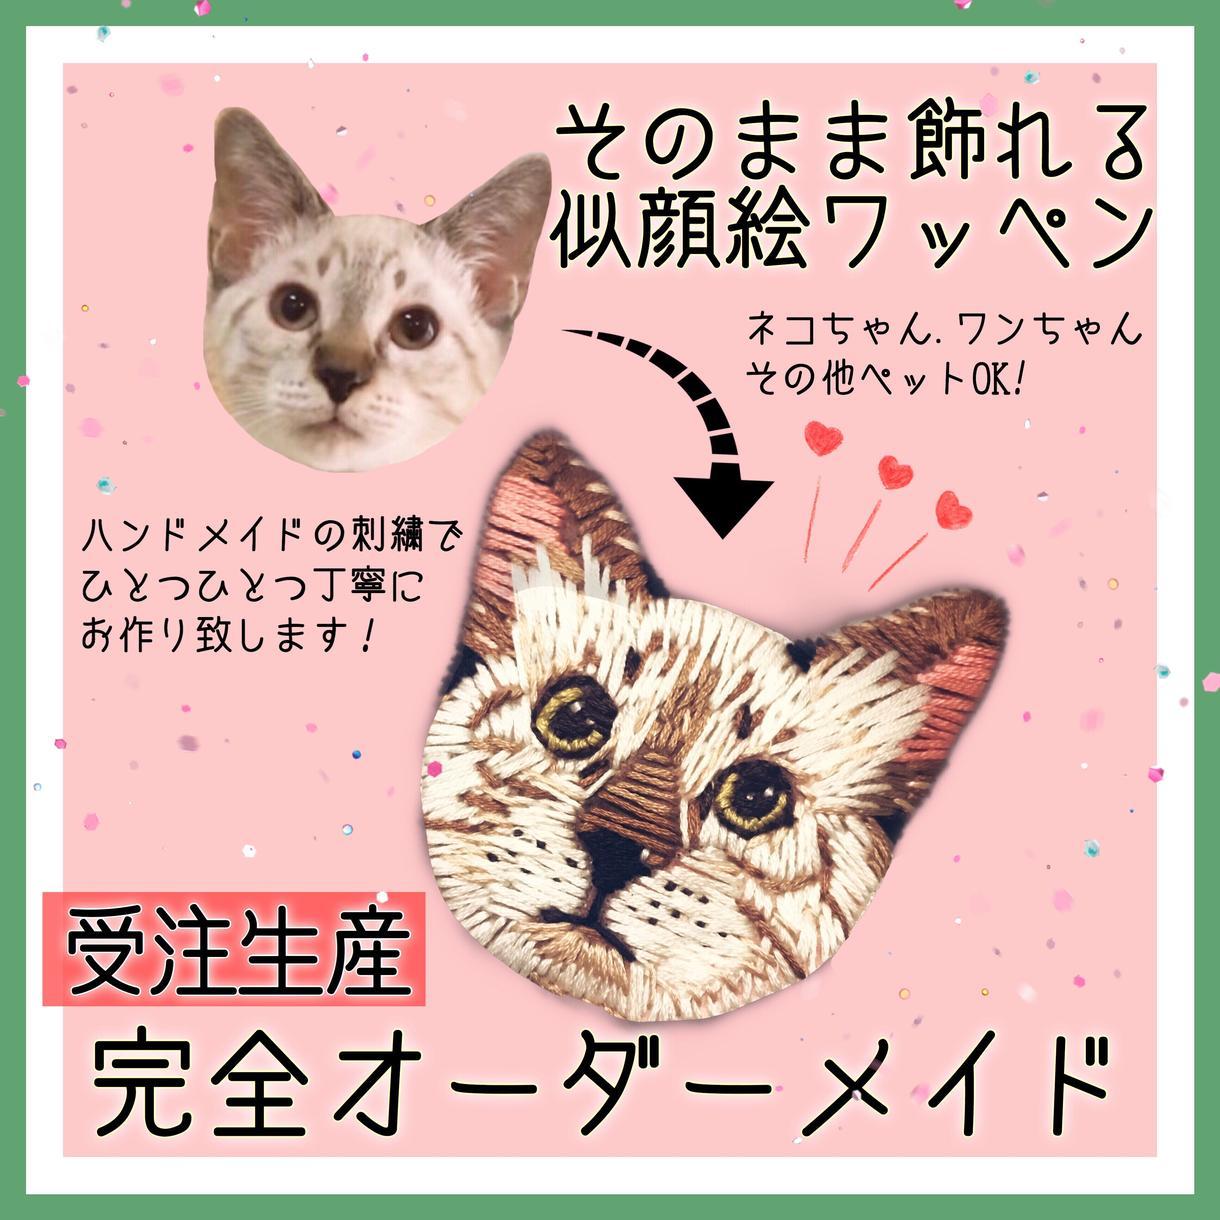 世界にたった1つ!ペットの似顔絵刺繍を作ります リアルな猫ちゃんやワンちゃんの似顔絵刺繍を作成致します。